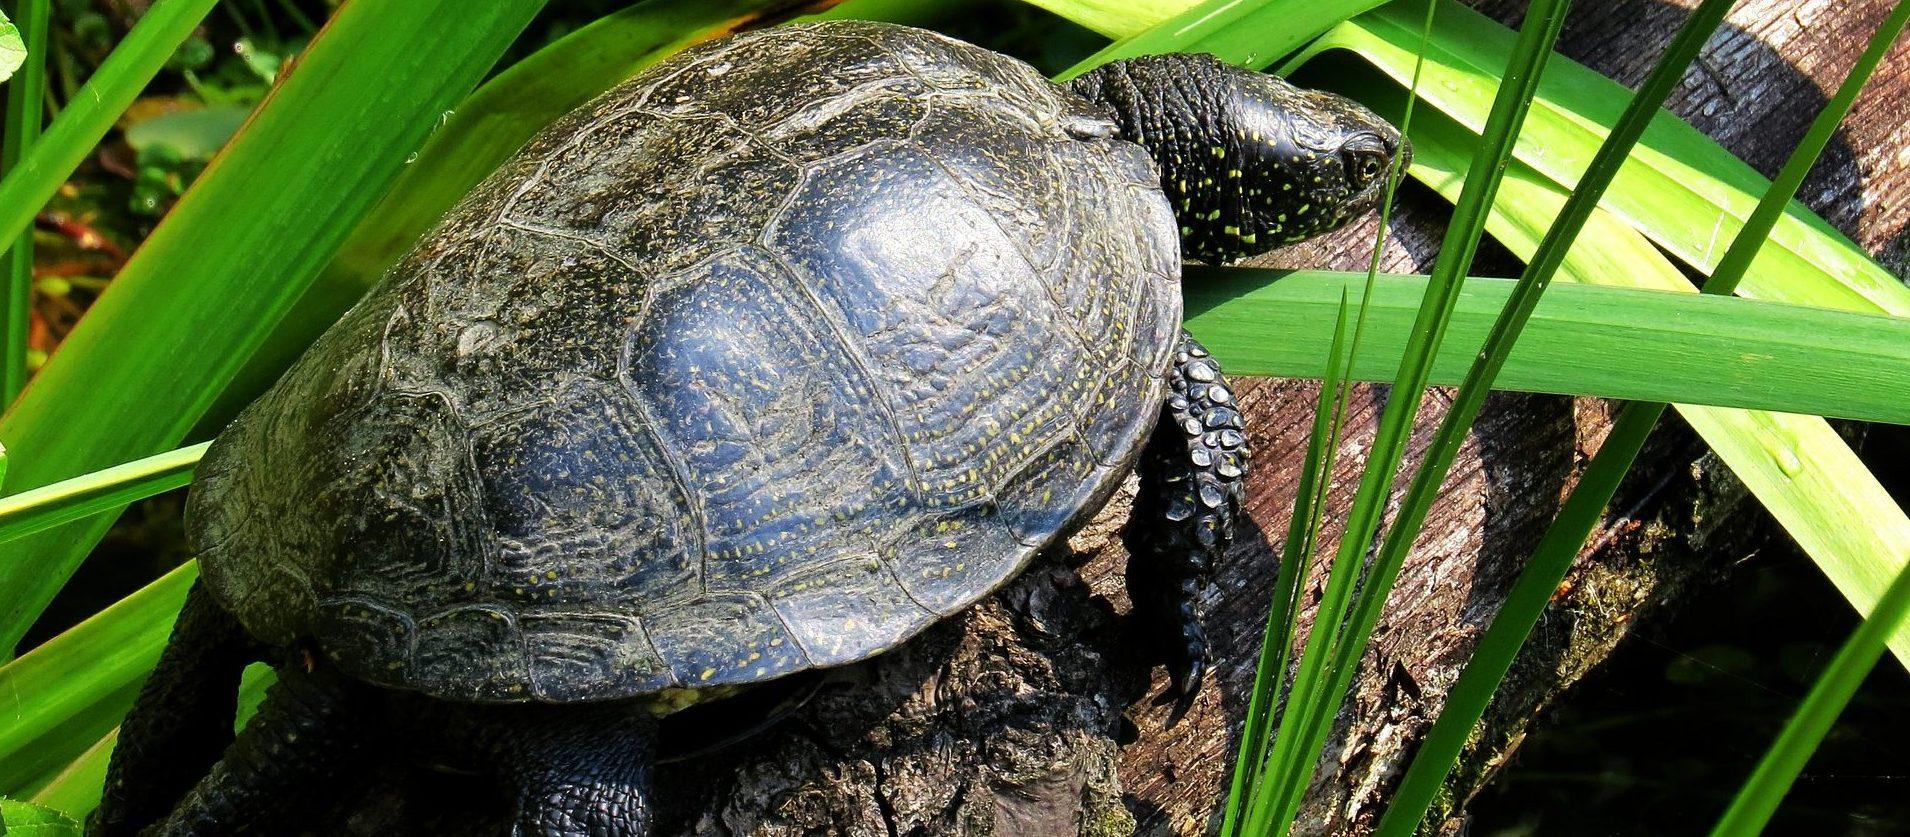 Wasserschildkröte auf Baumstamm